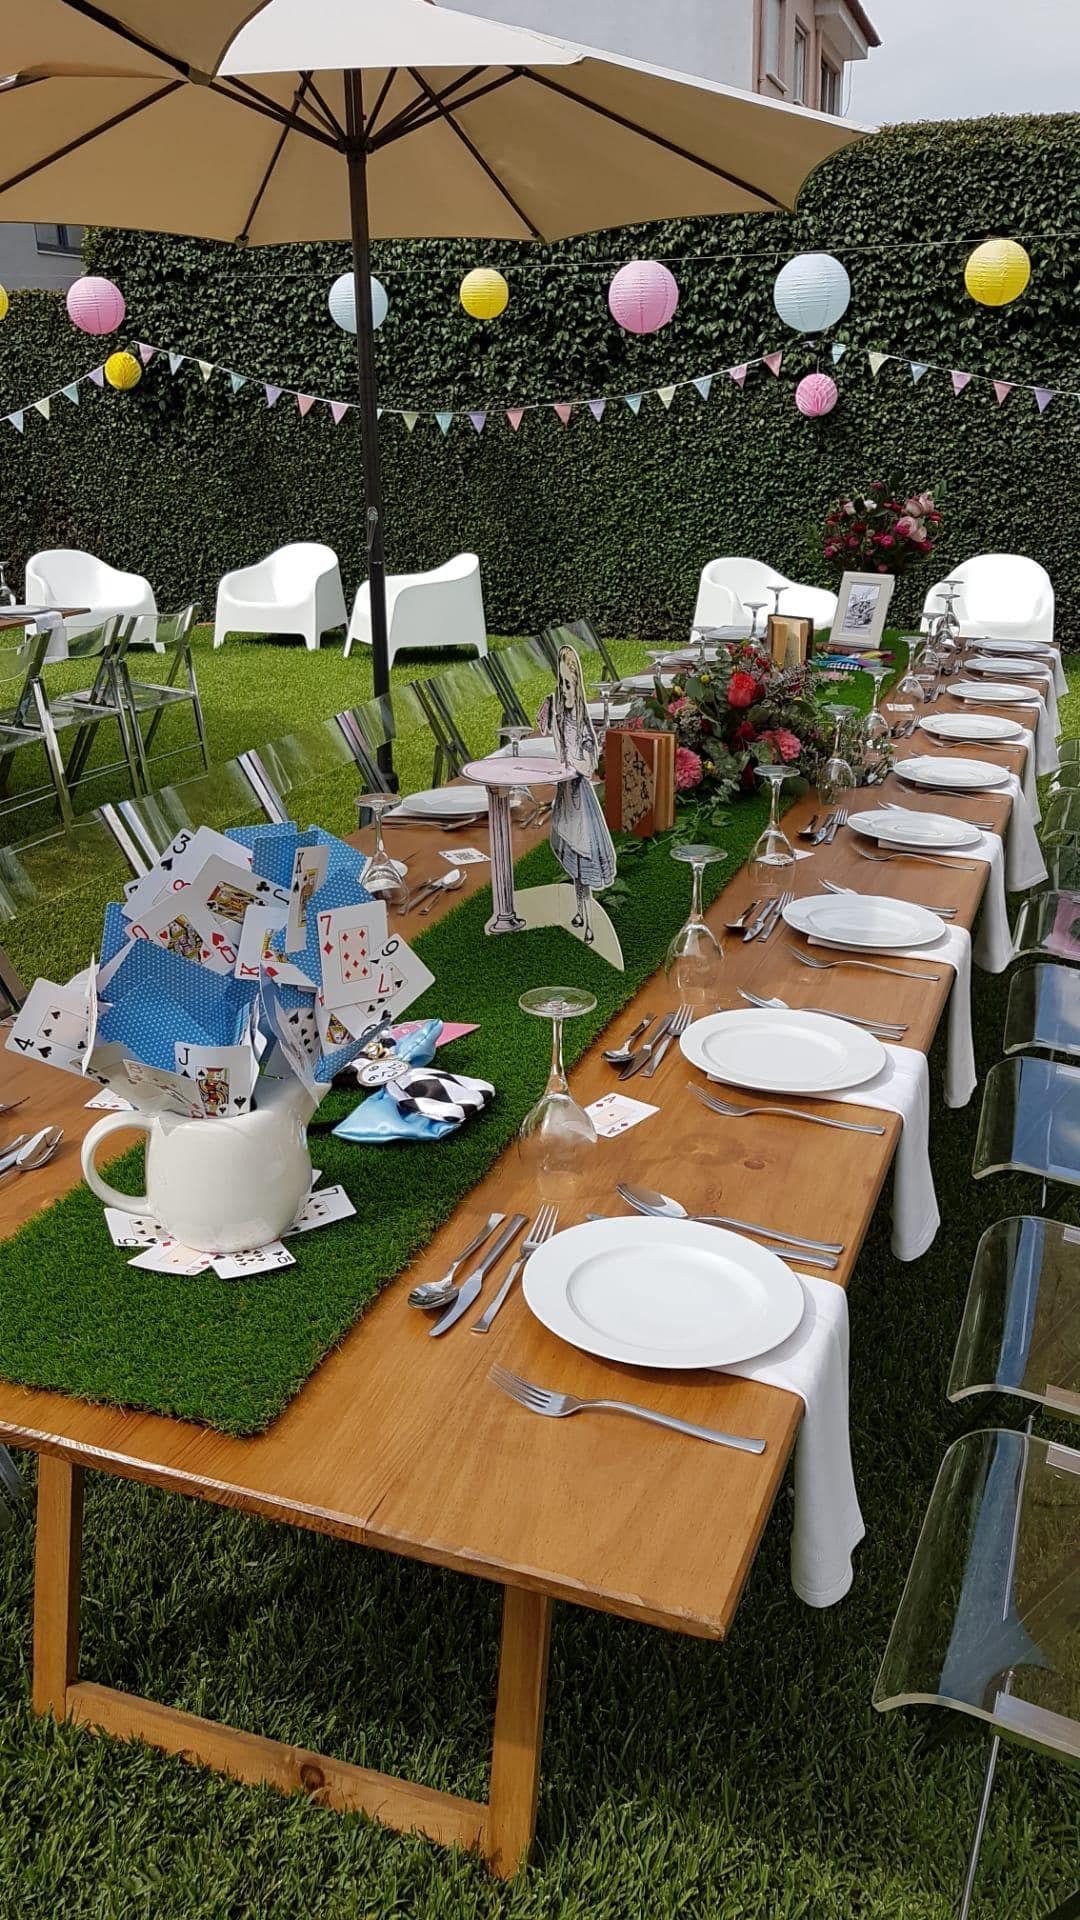 mesa de madeira com pratos e talheres num jardim